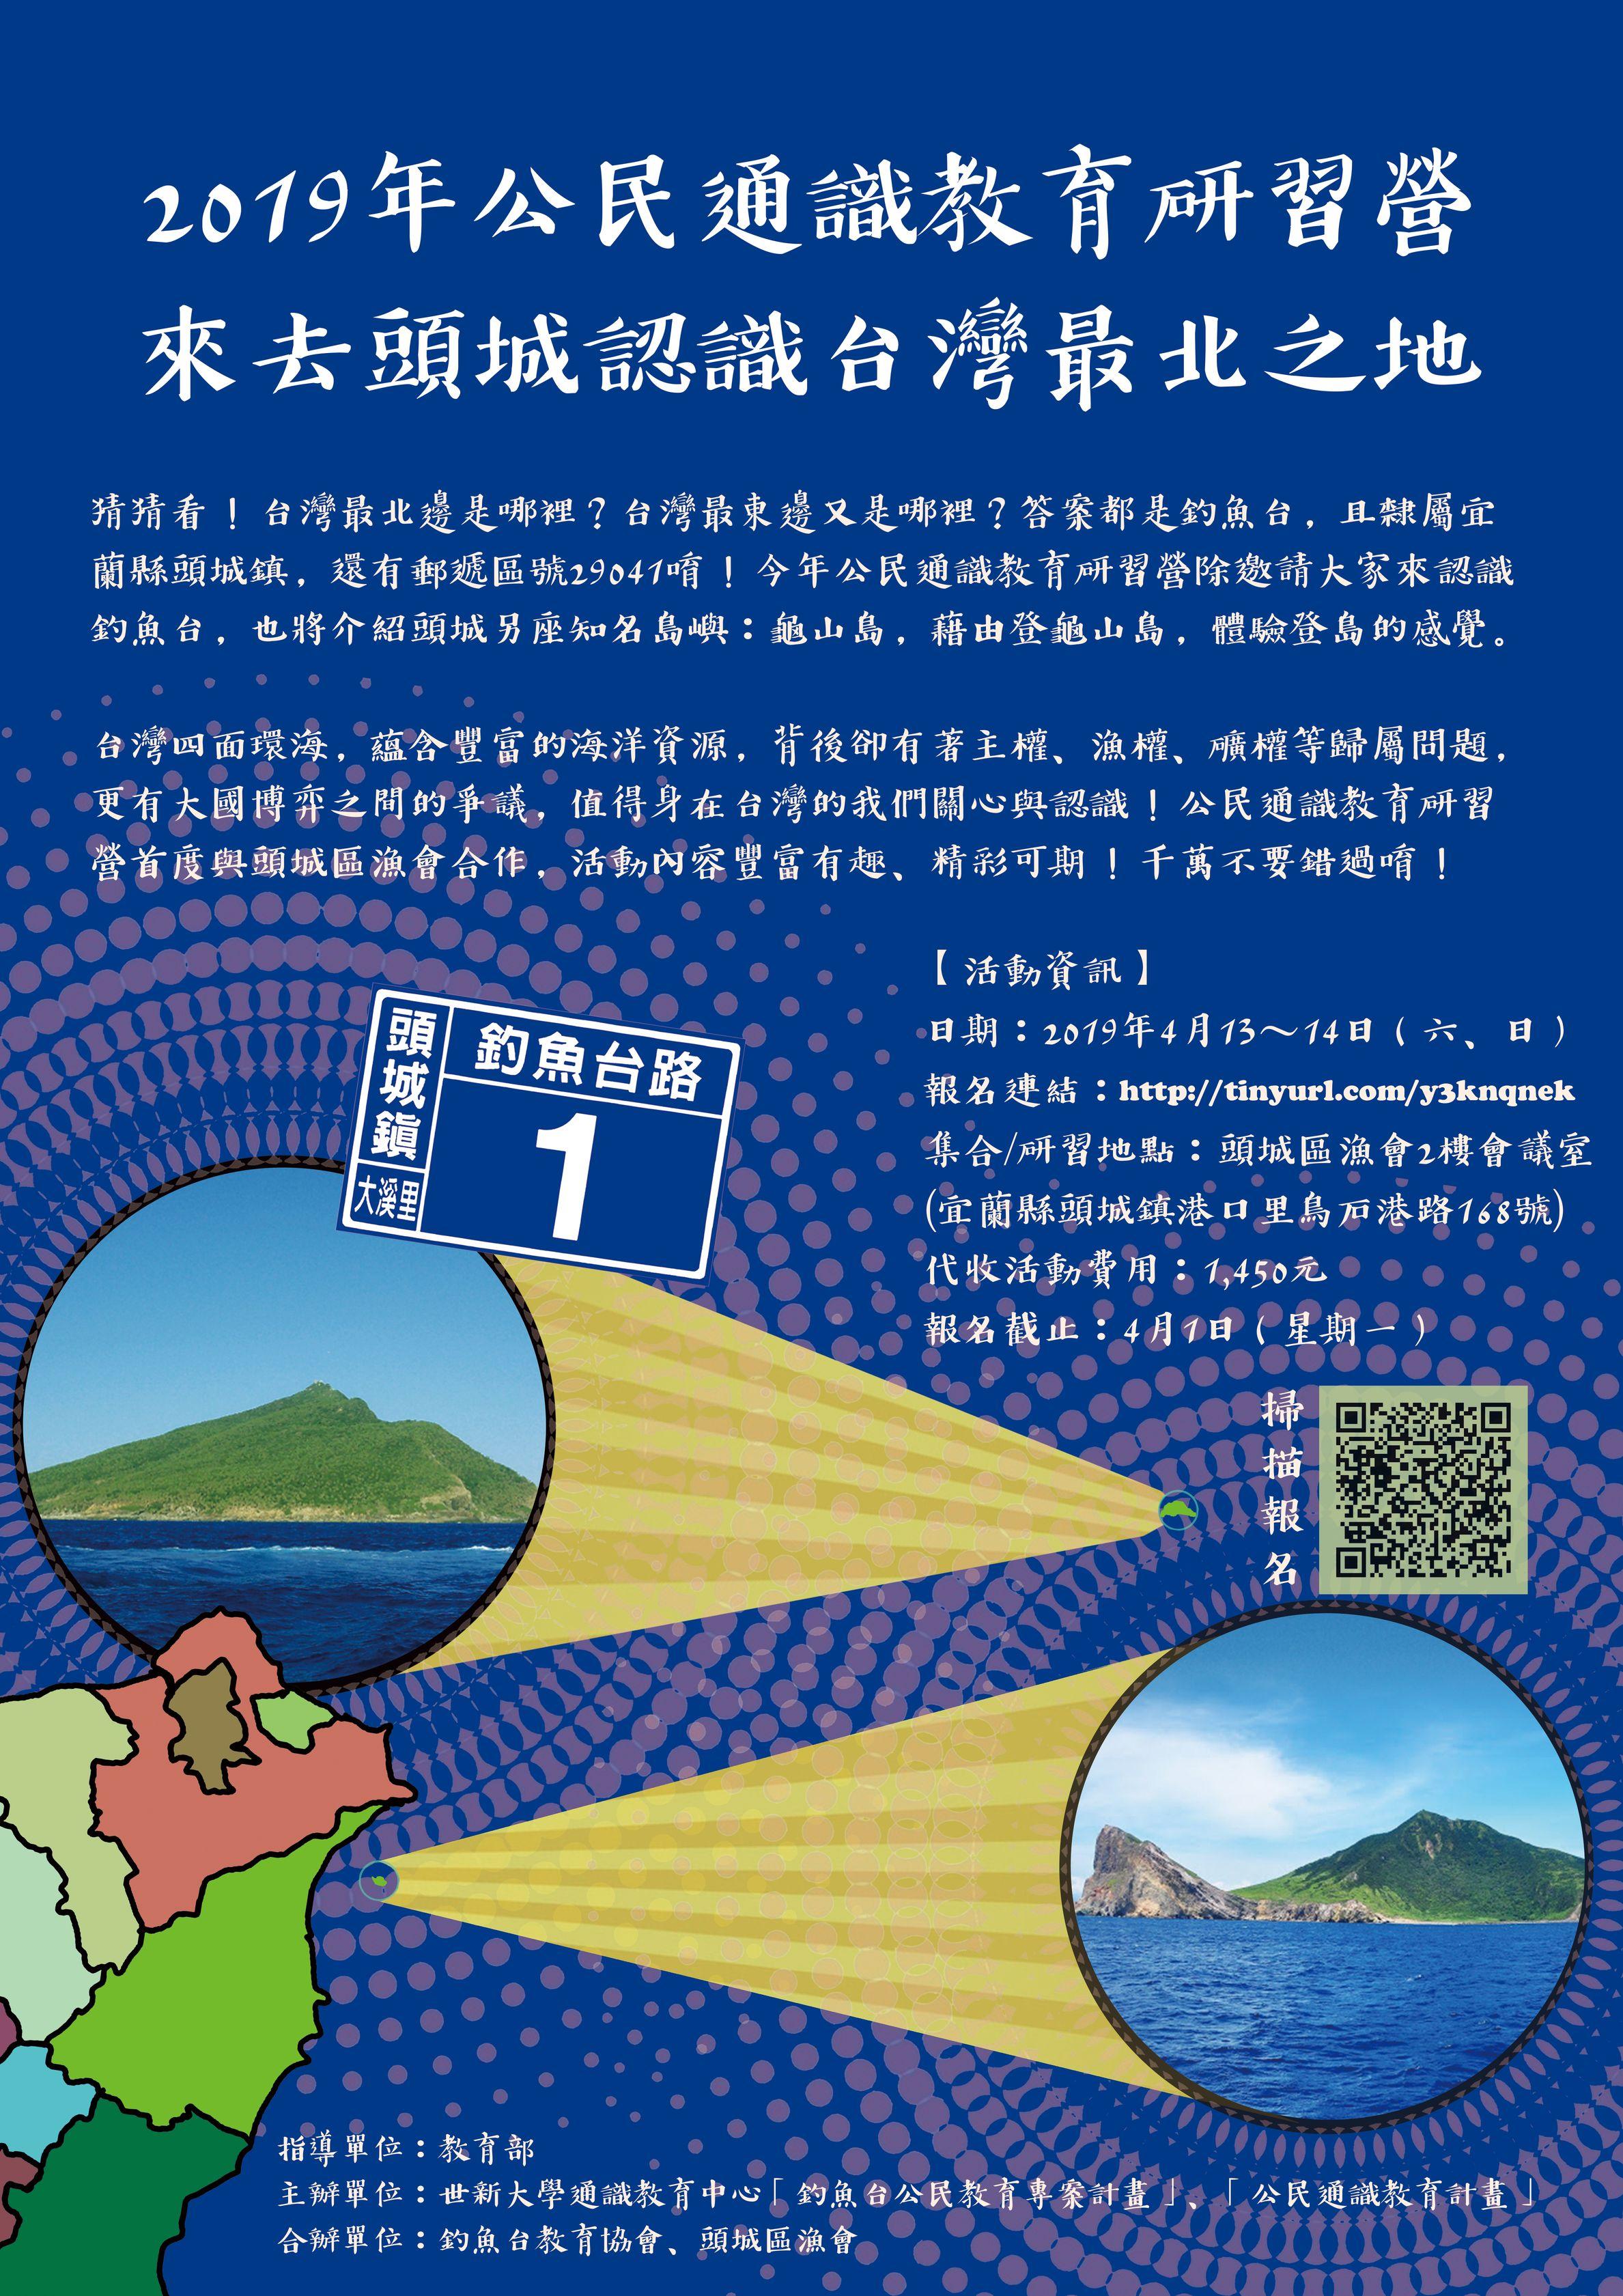 【歡迎報名參加】2019年公民通識教育研習營 來去頭城認識台灣最北之地